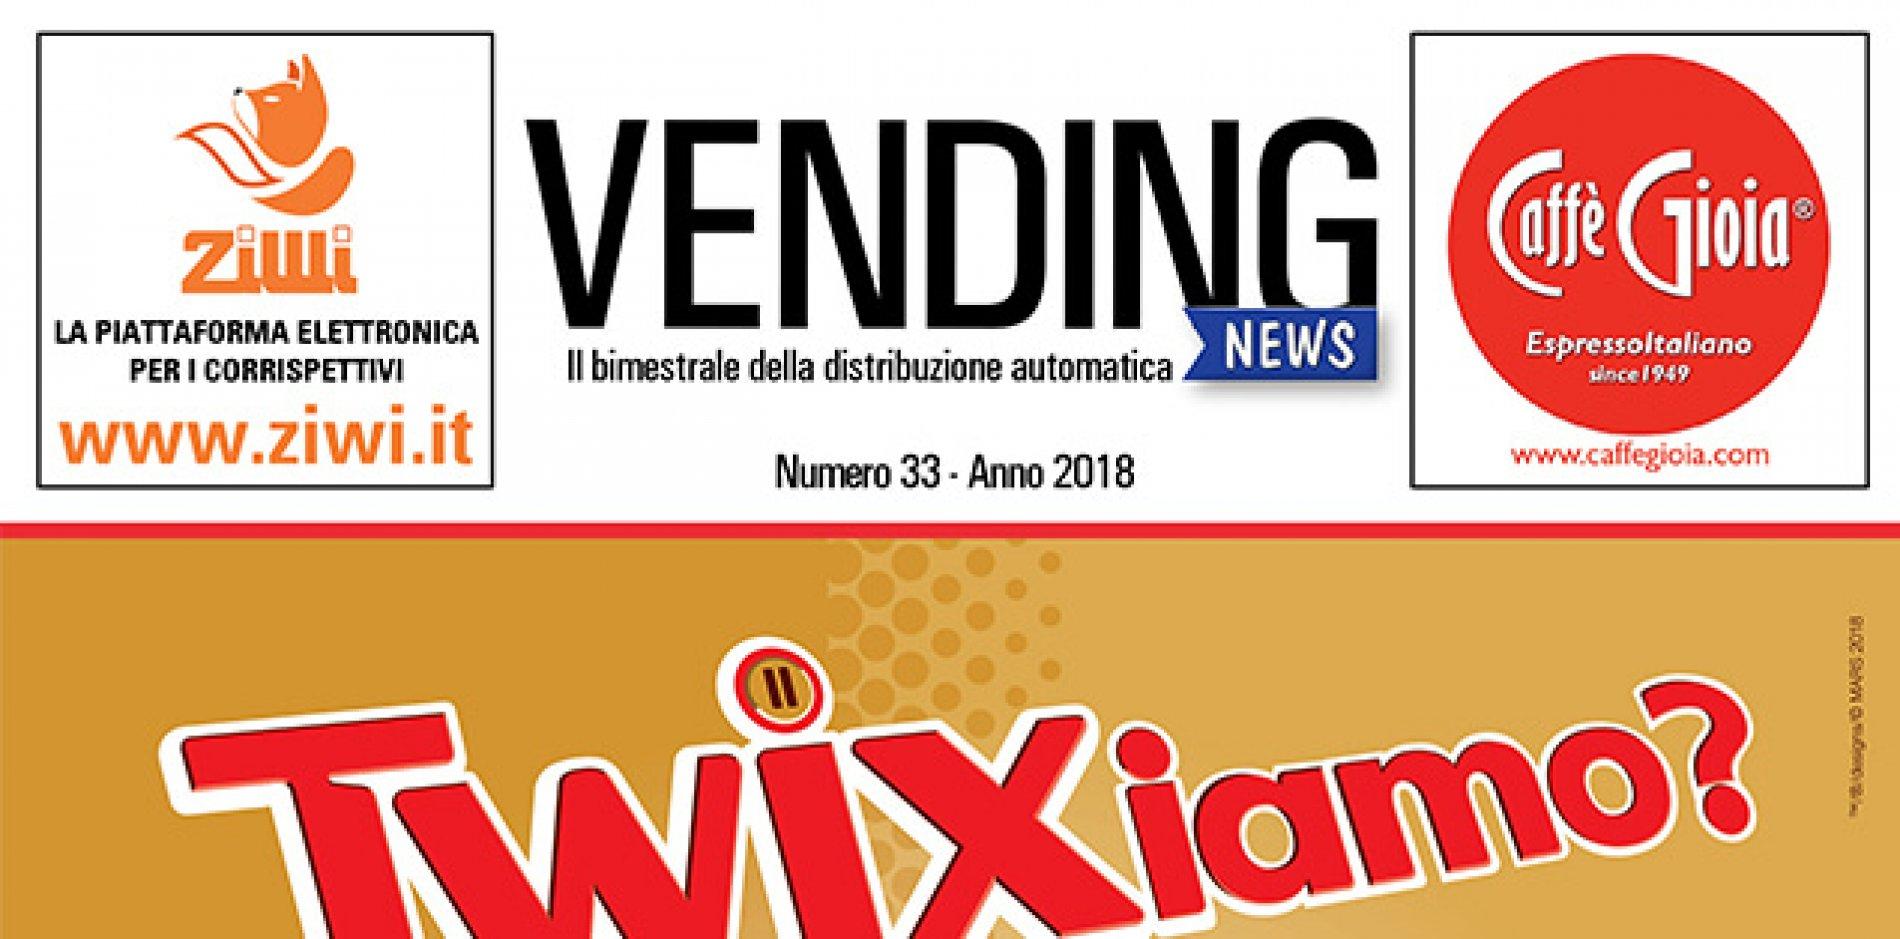 Rivista Vending News – Leggi il numero 33